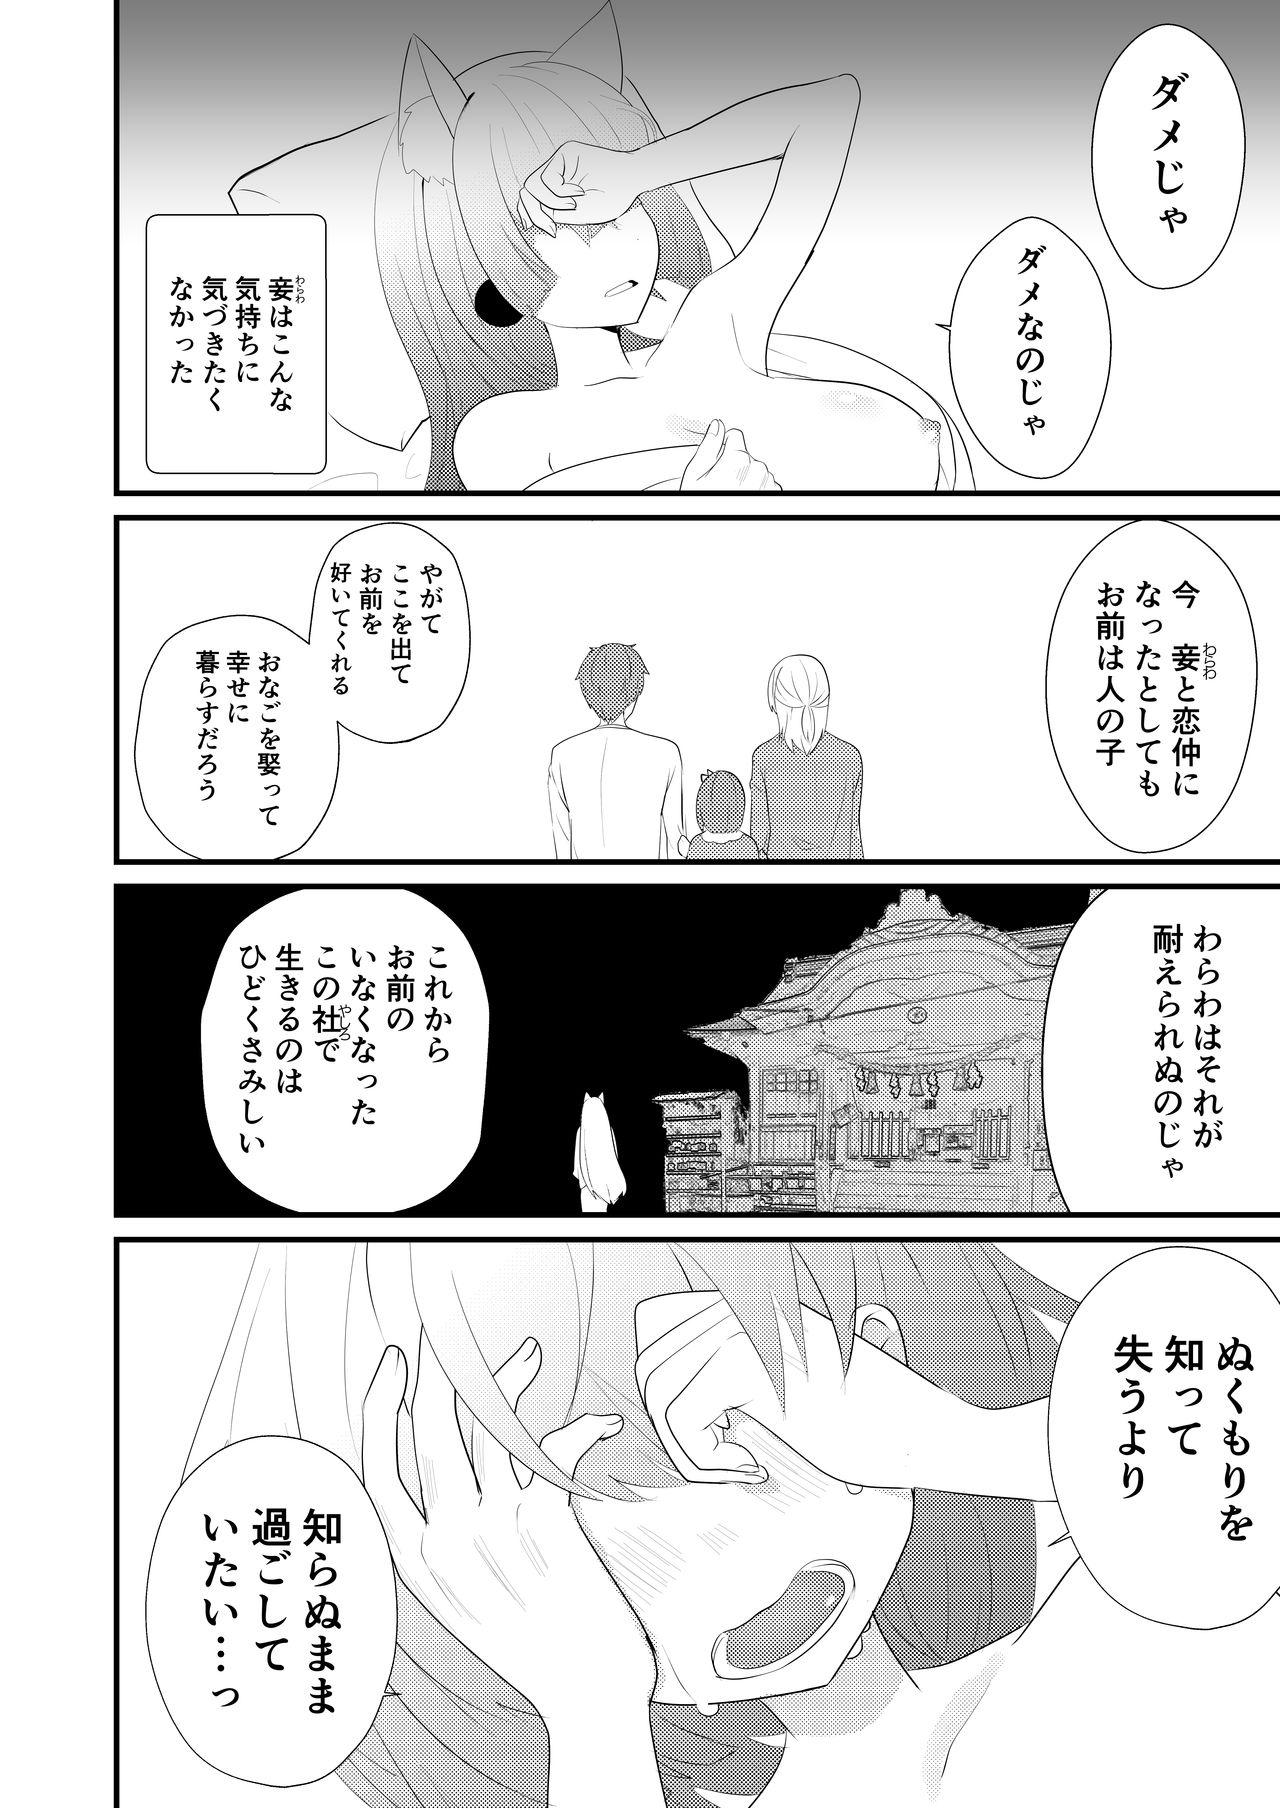 Uchi no Yashinaigo ga H ni Seichou shisugite Komattemasu 13